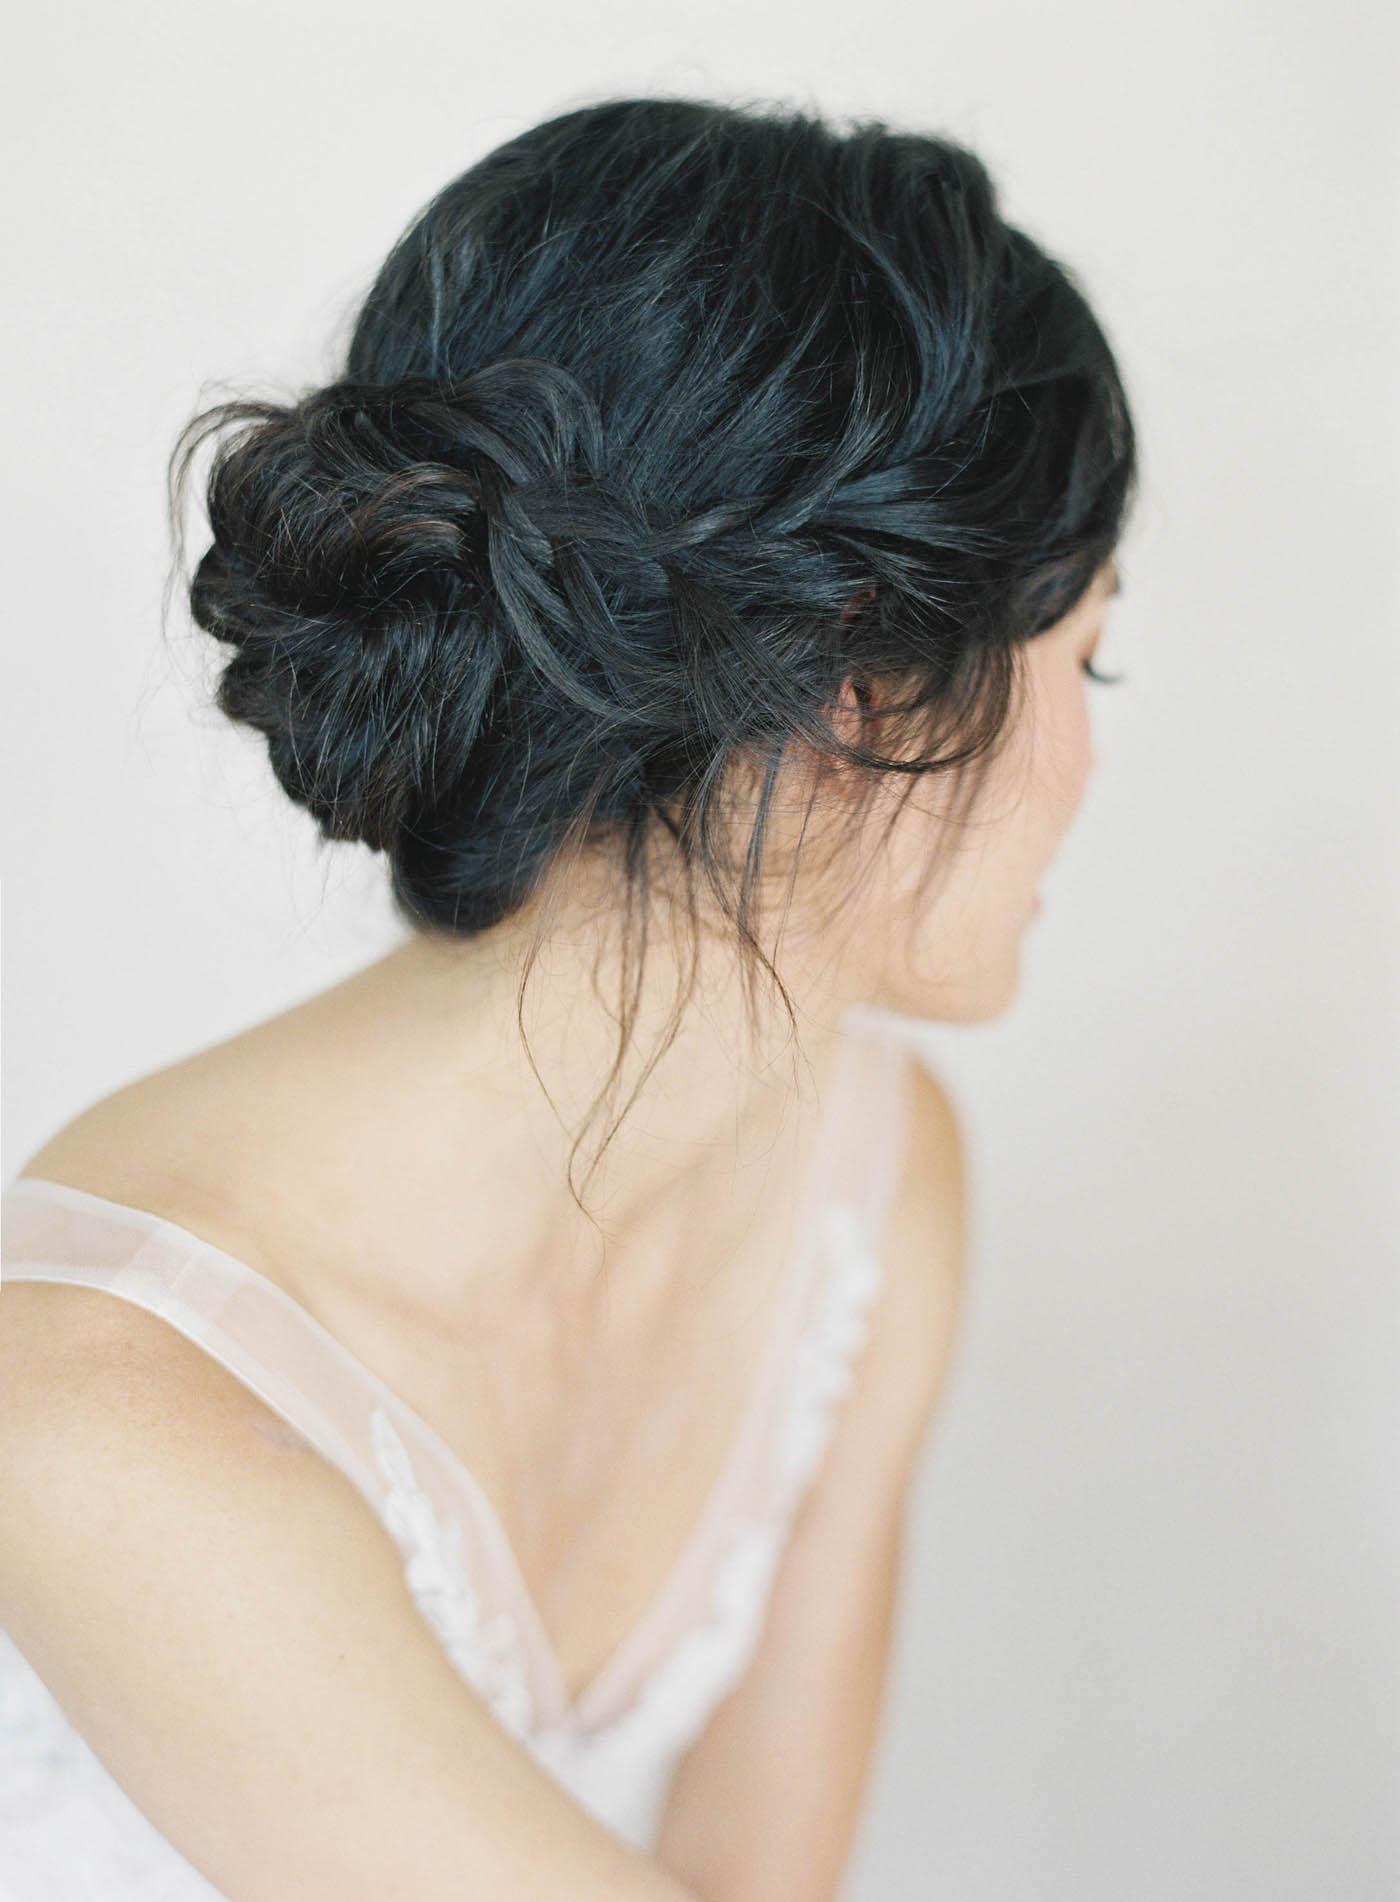 boudoir-on-film-101-Jen_Huang-Bhldn-96-Jen_Huang-002780-R1-008.jpg